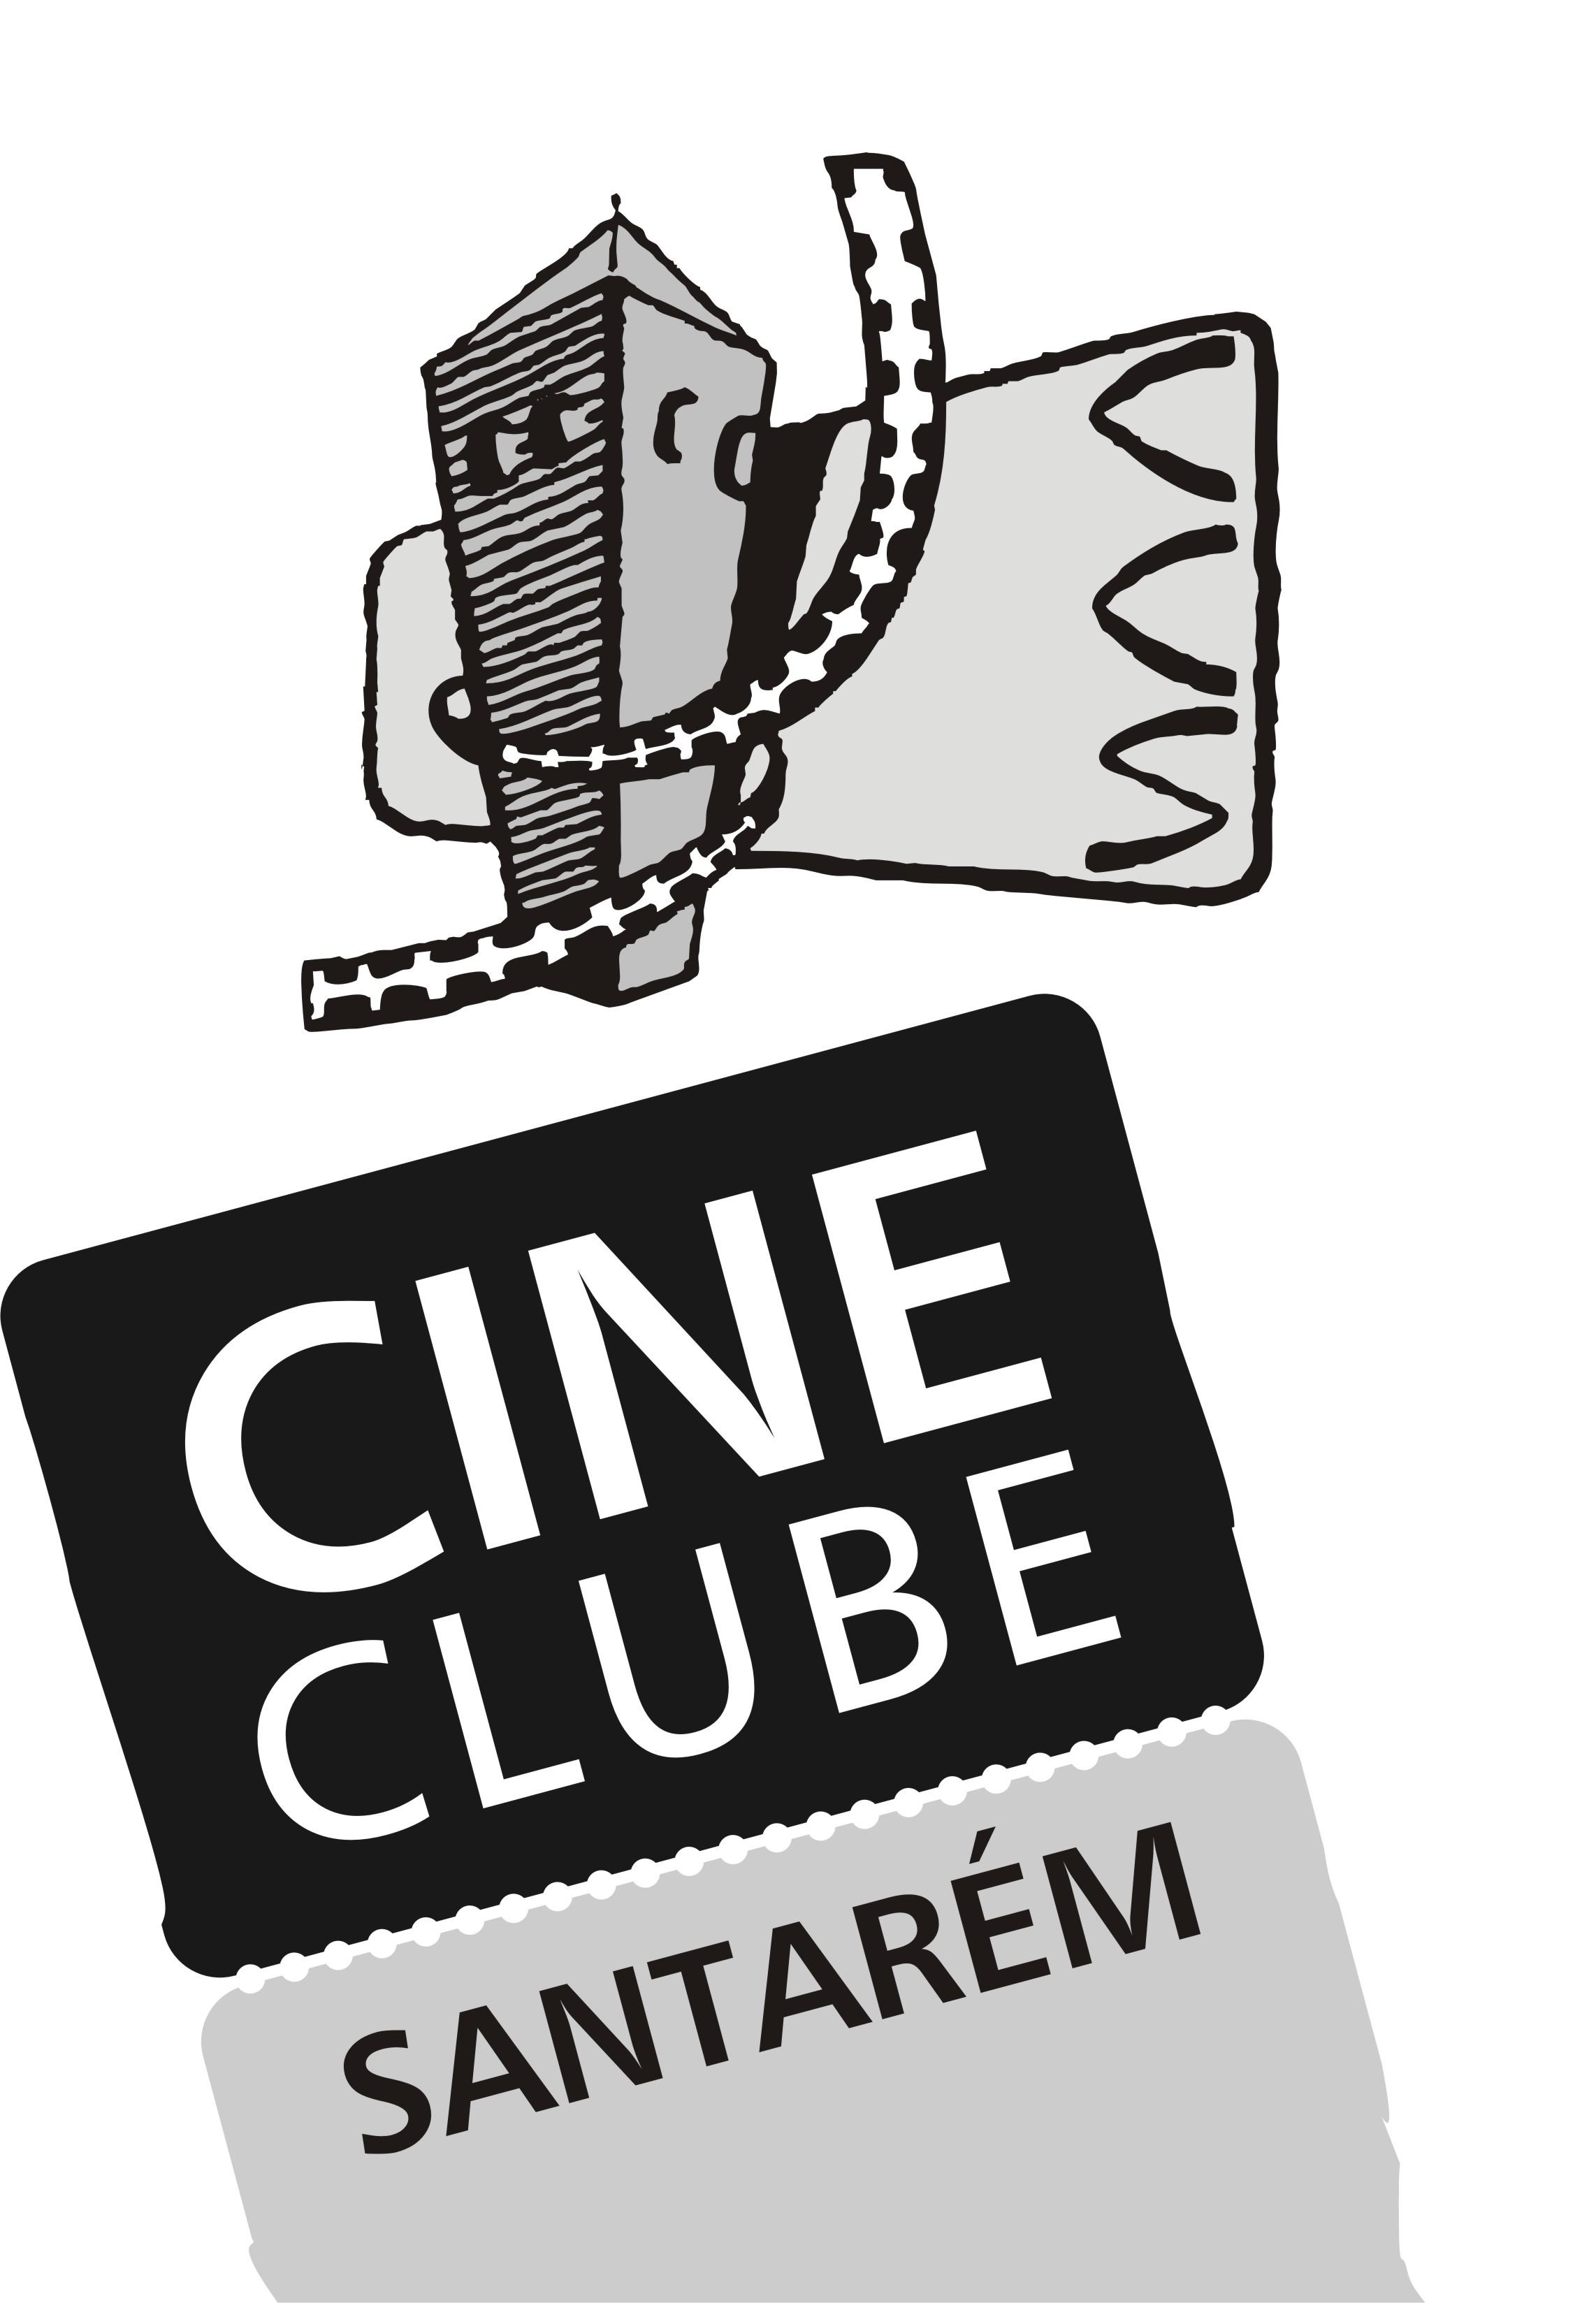 Cineclube de Santarém_logo